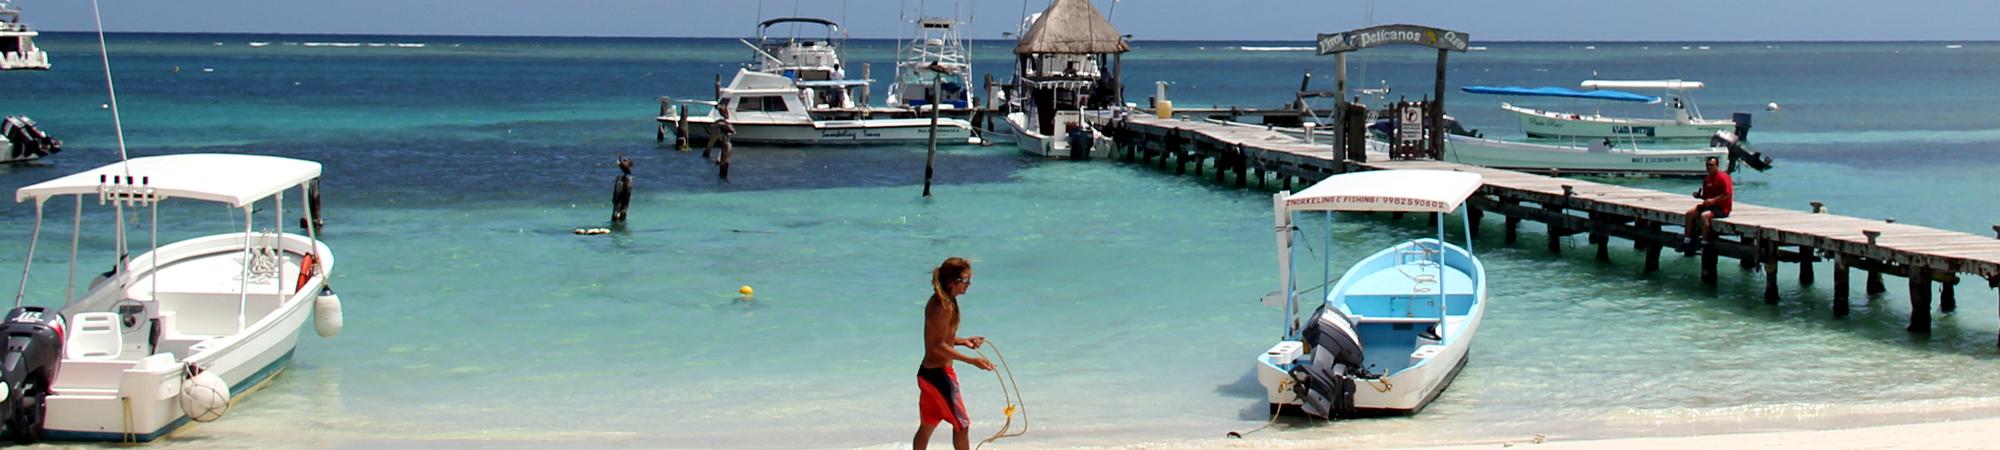 slider-puerto-morelos-playas